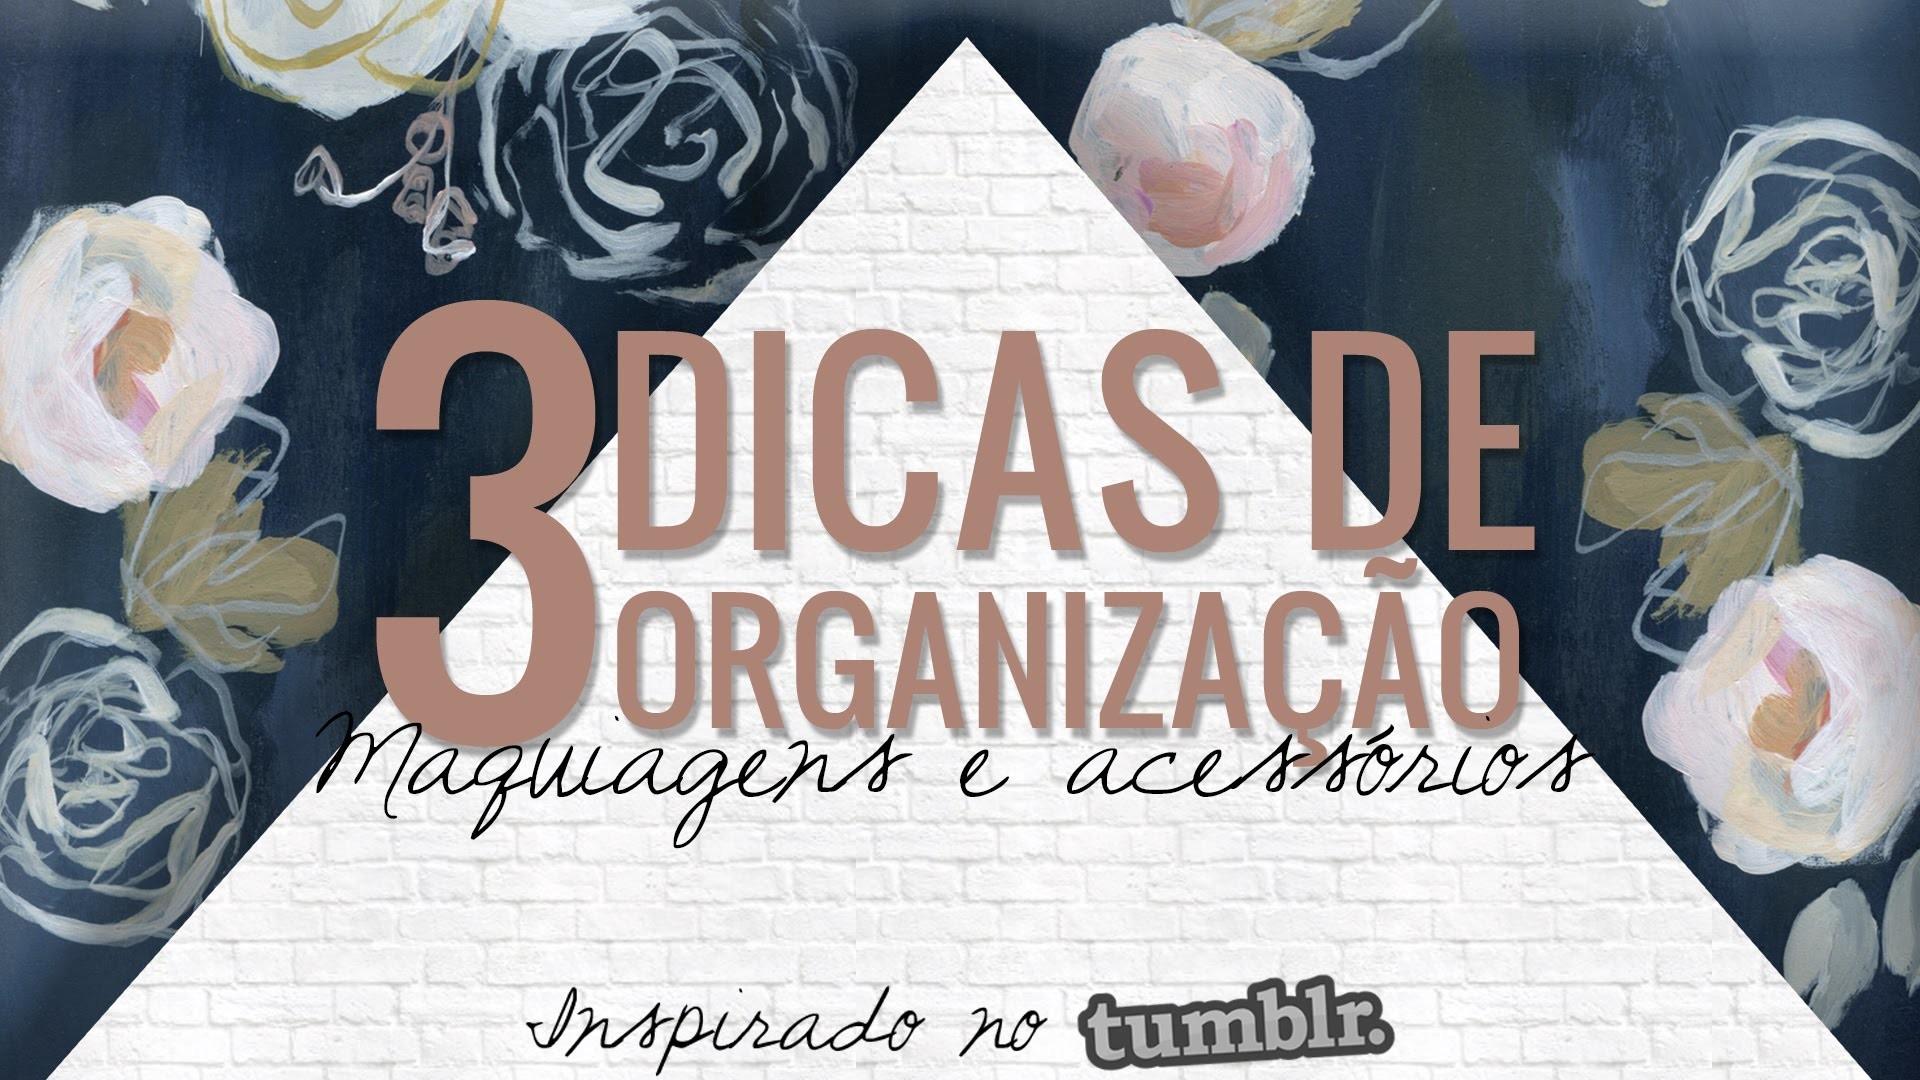 DIY organização de acessórios! | Decoração inspirada no Tumblr e Urban Outfitters